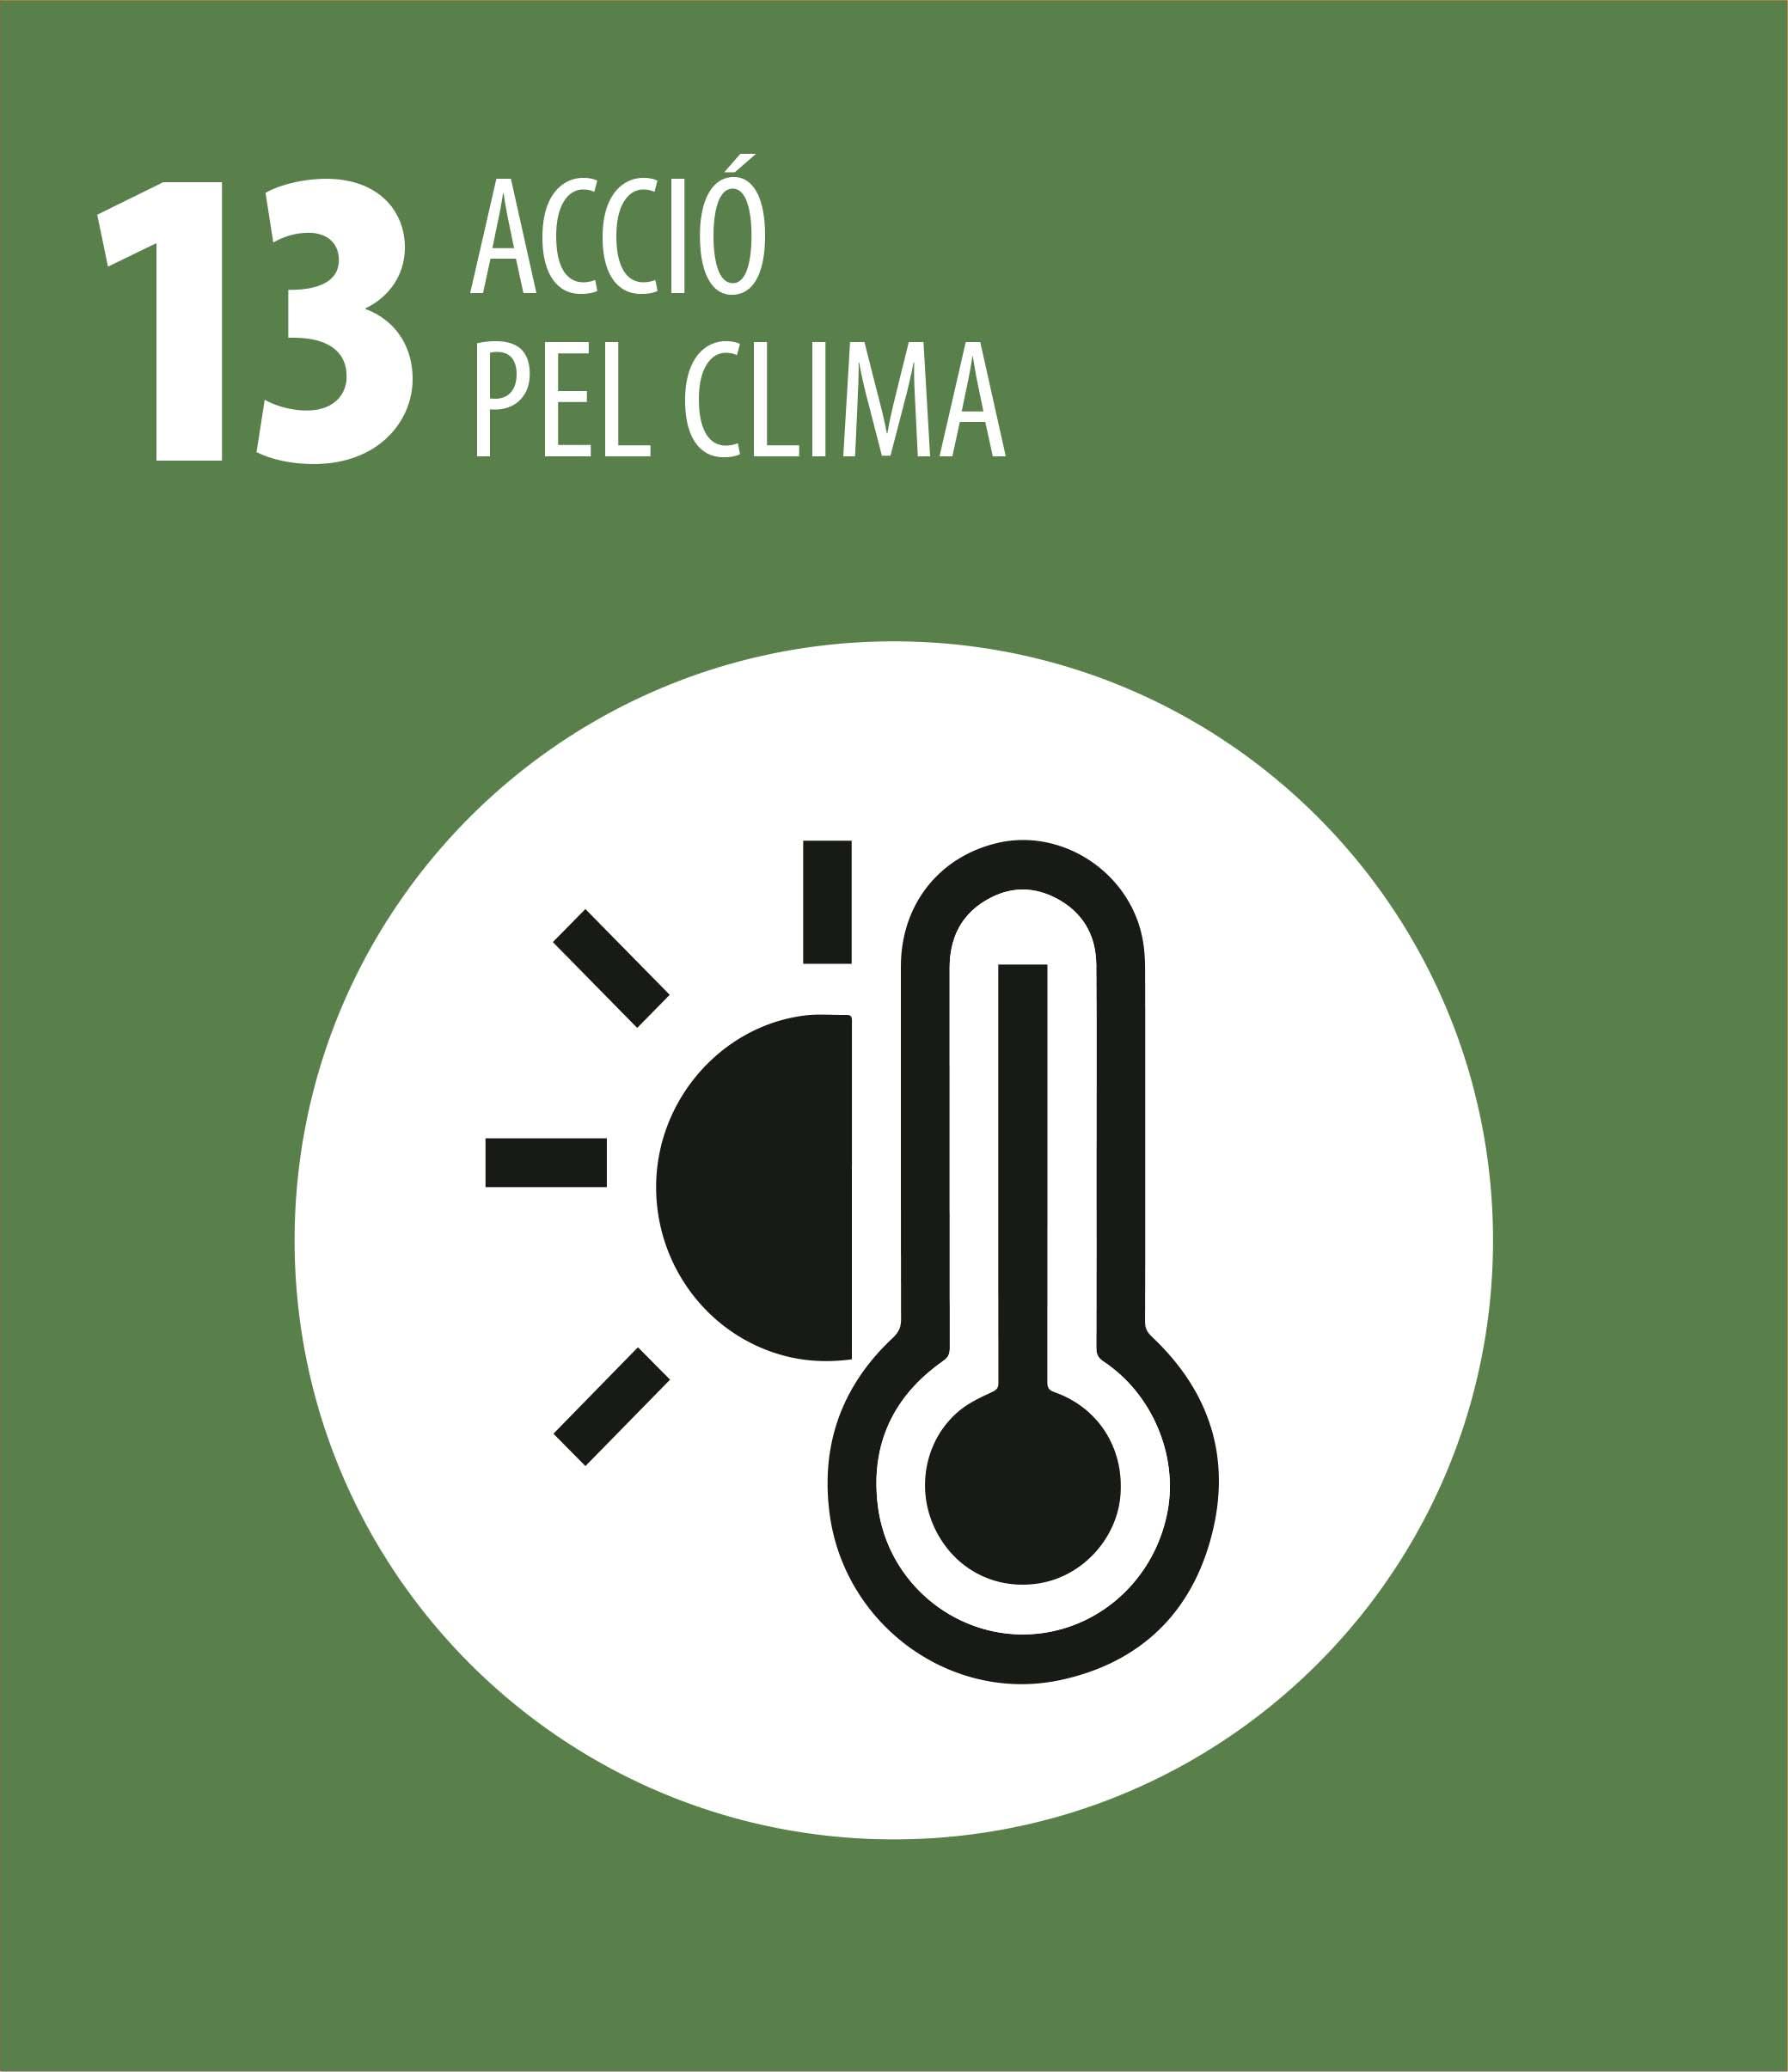 ODS 13 Accio pel clima